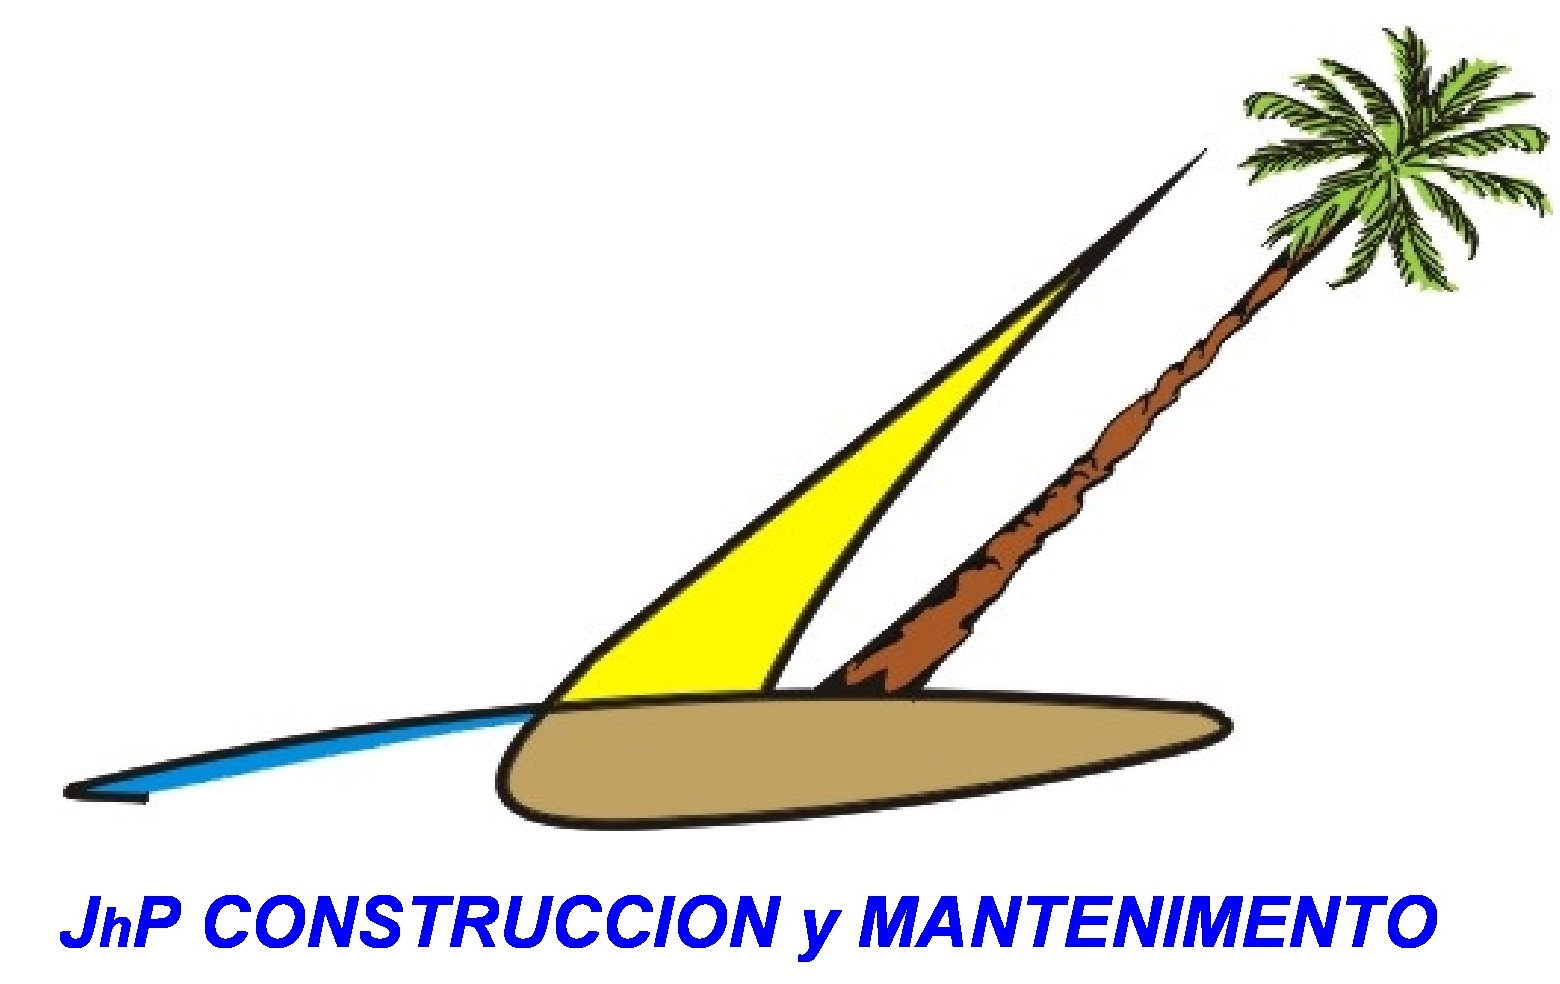 Jhp Construccion Y Mantenimiento